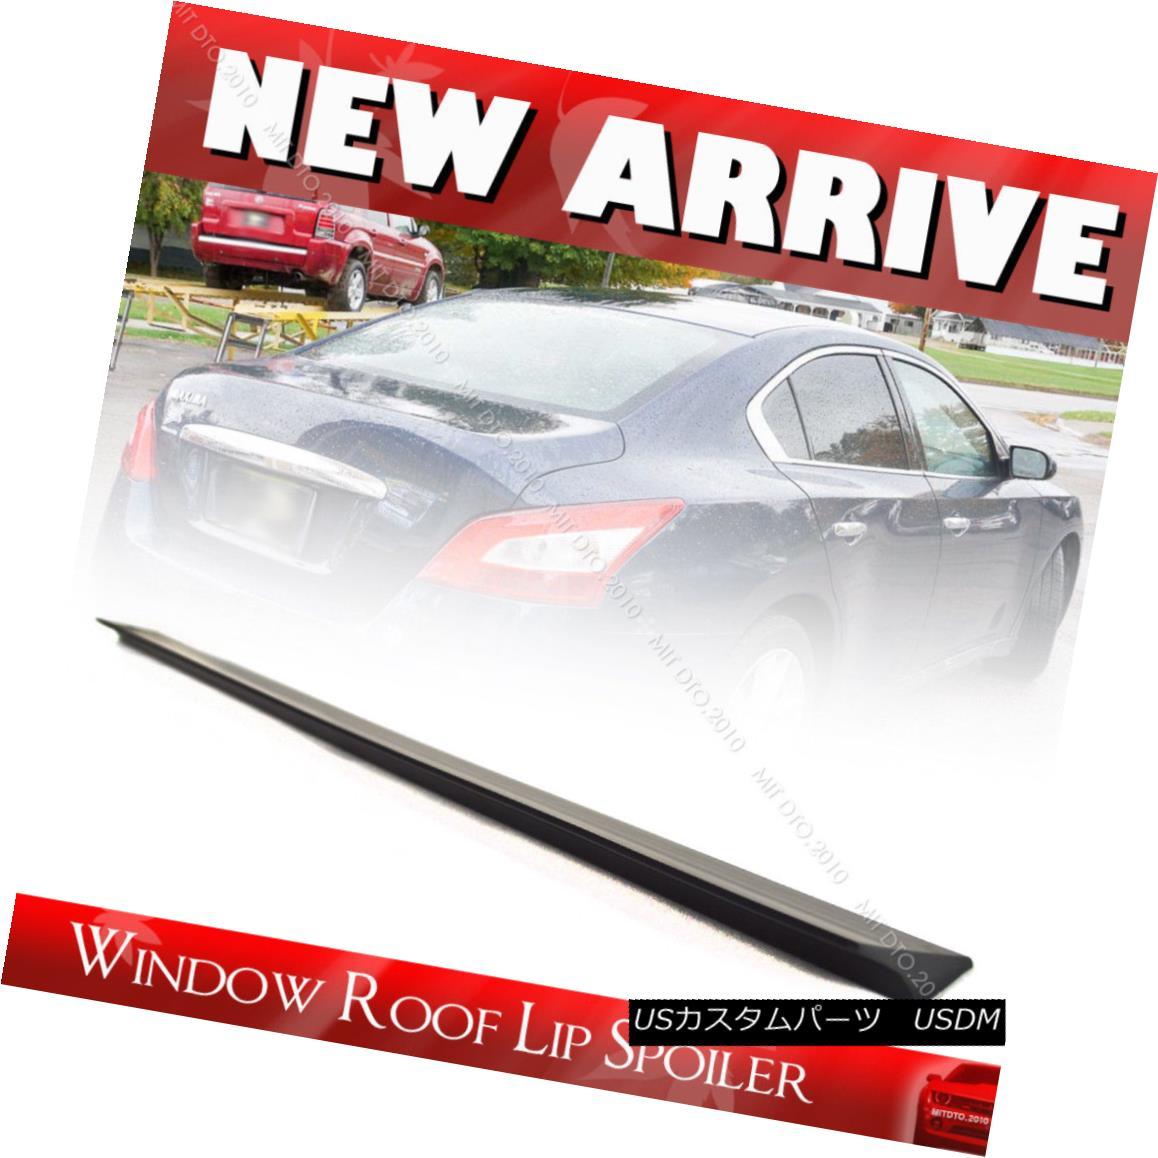 エアロパーツ Unpainted For Maxima A35 Sedan 4DR V Style Rear Roof Lip Spoiler 14 15 S マキシマA35セダン4DR Vスタイルリア・ルーフ・リップ・スポイラー14 15 S